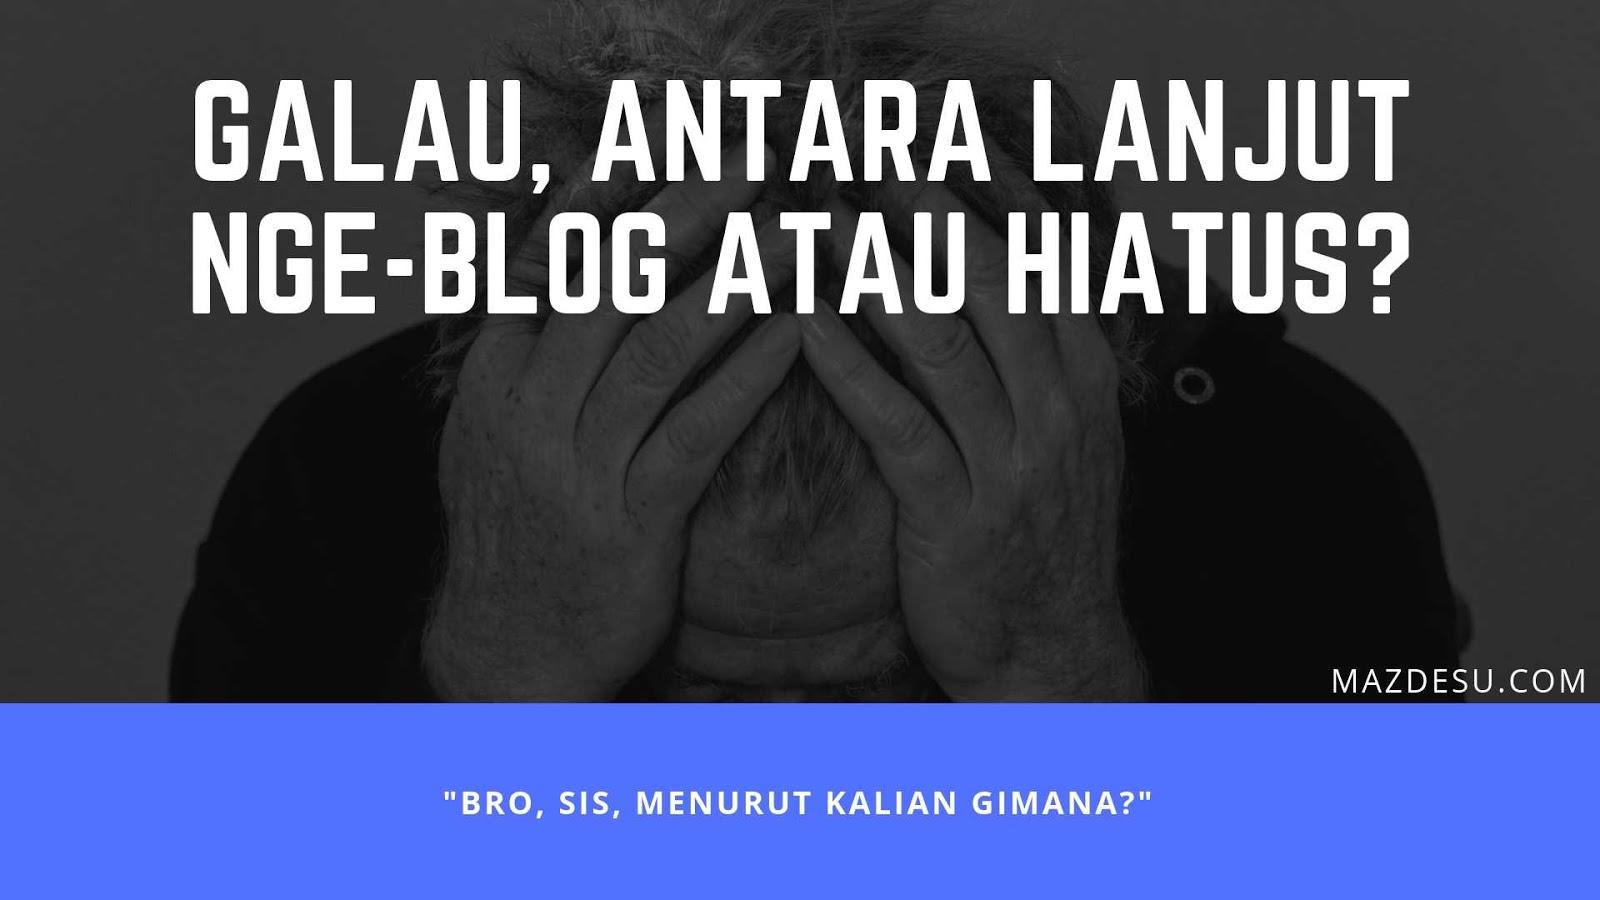 Galau, Antara Lanjut Nge-blog atau Hiatus?